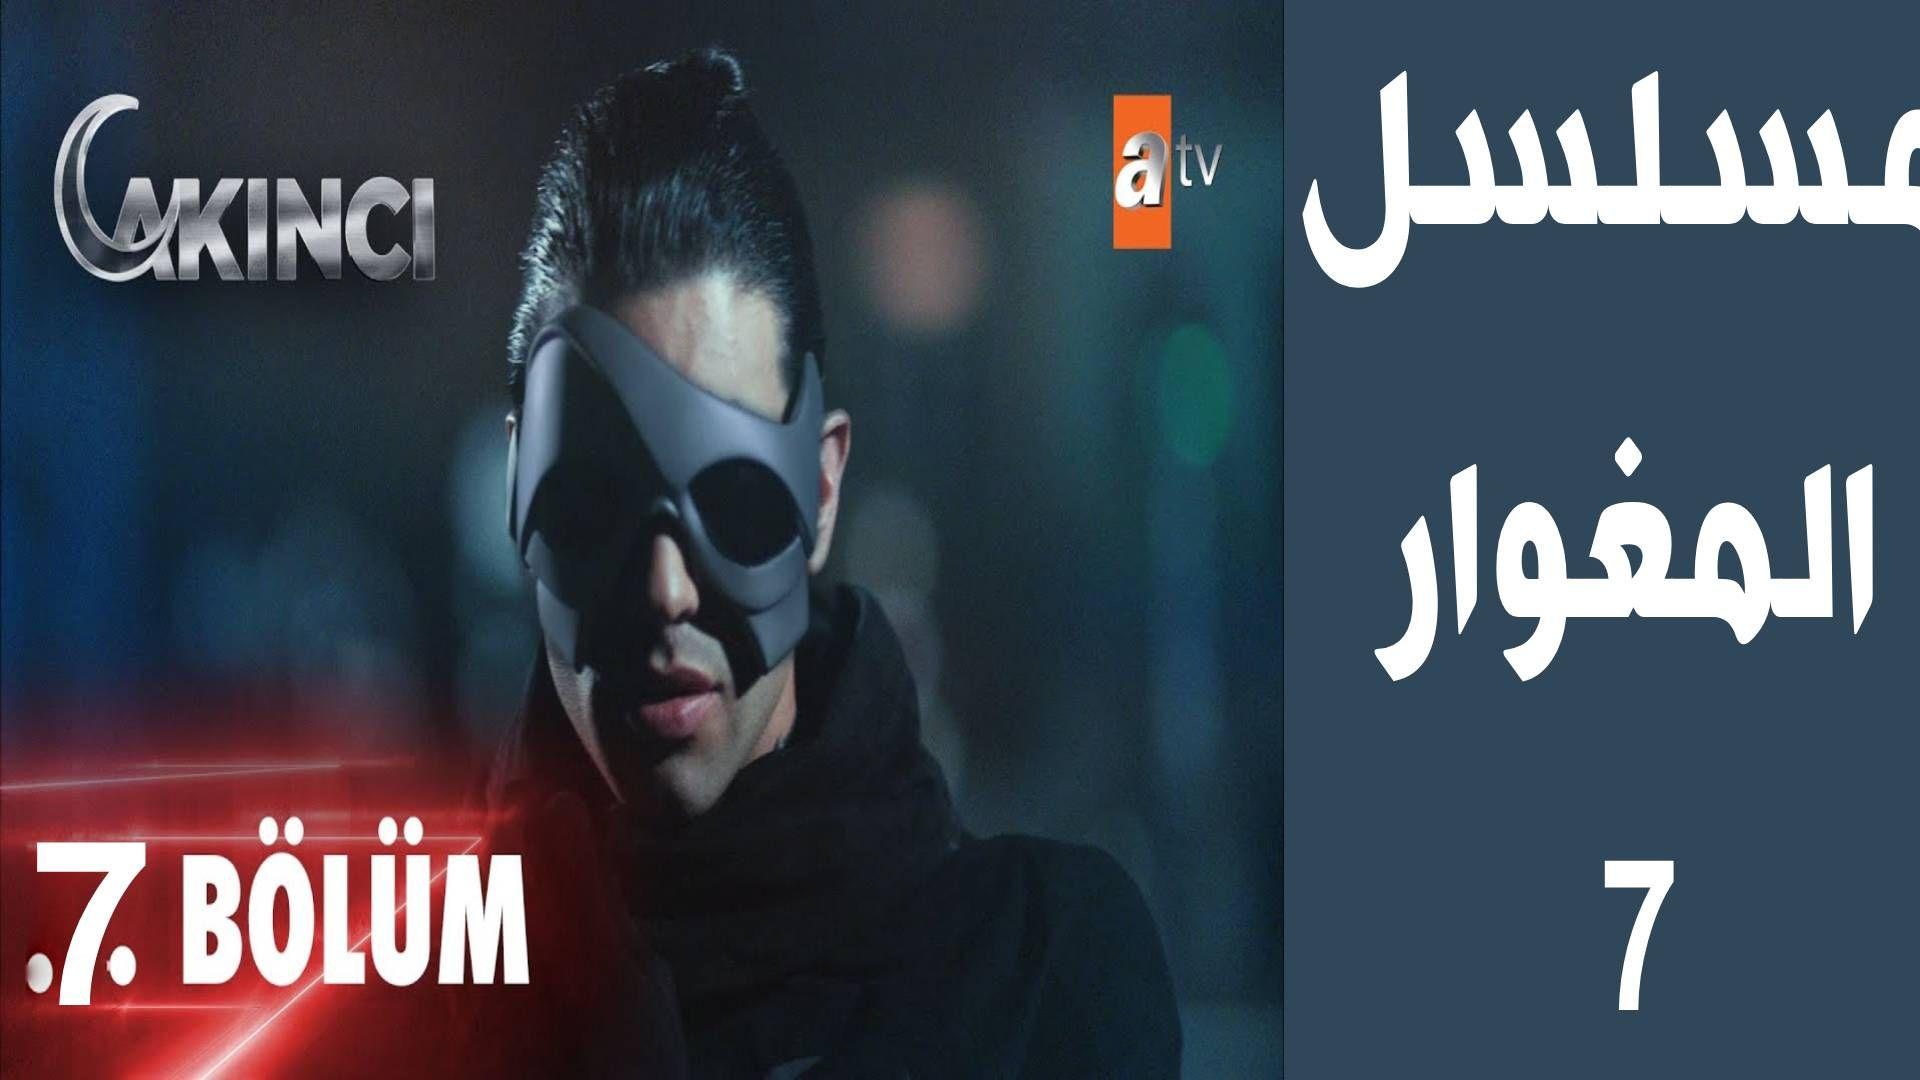 مسلسل المغوار الحلقة 7 فيس بوك قصة عشق مترجمة للعربية In 2021 Movie Posters Movies John